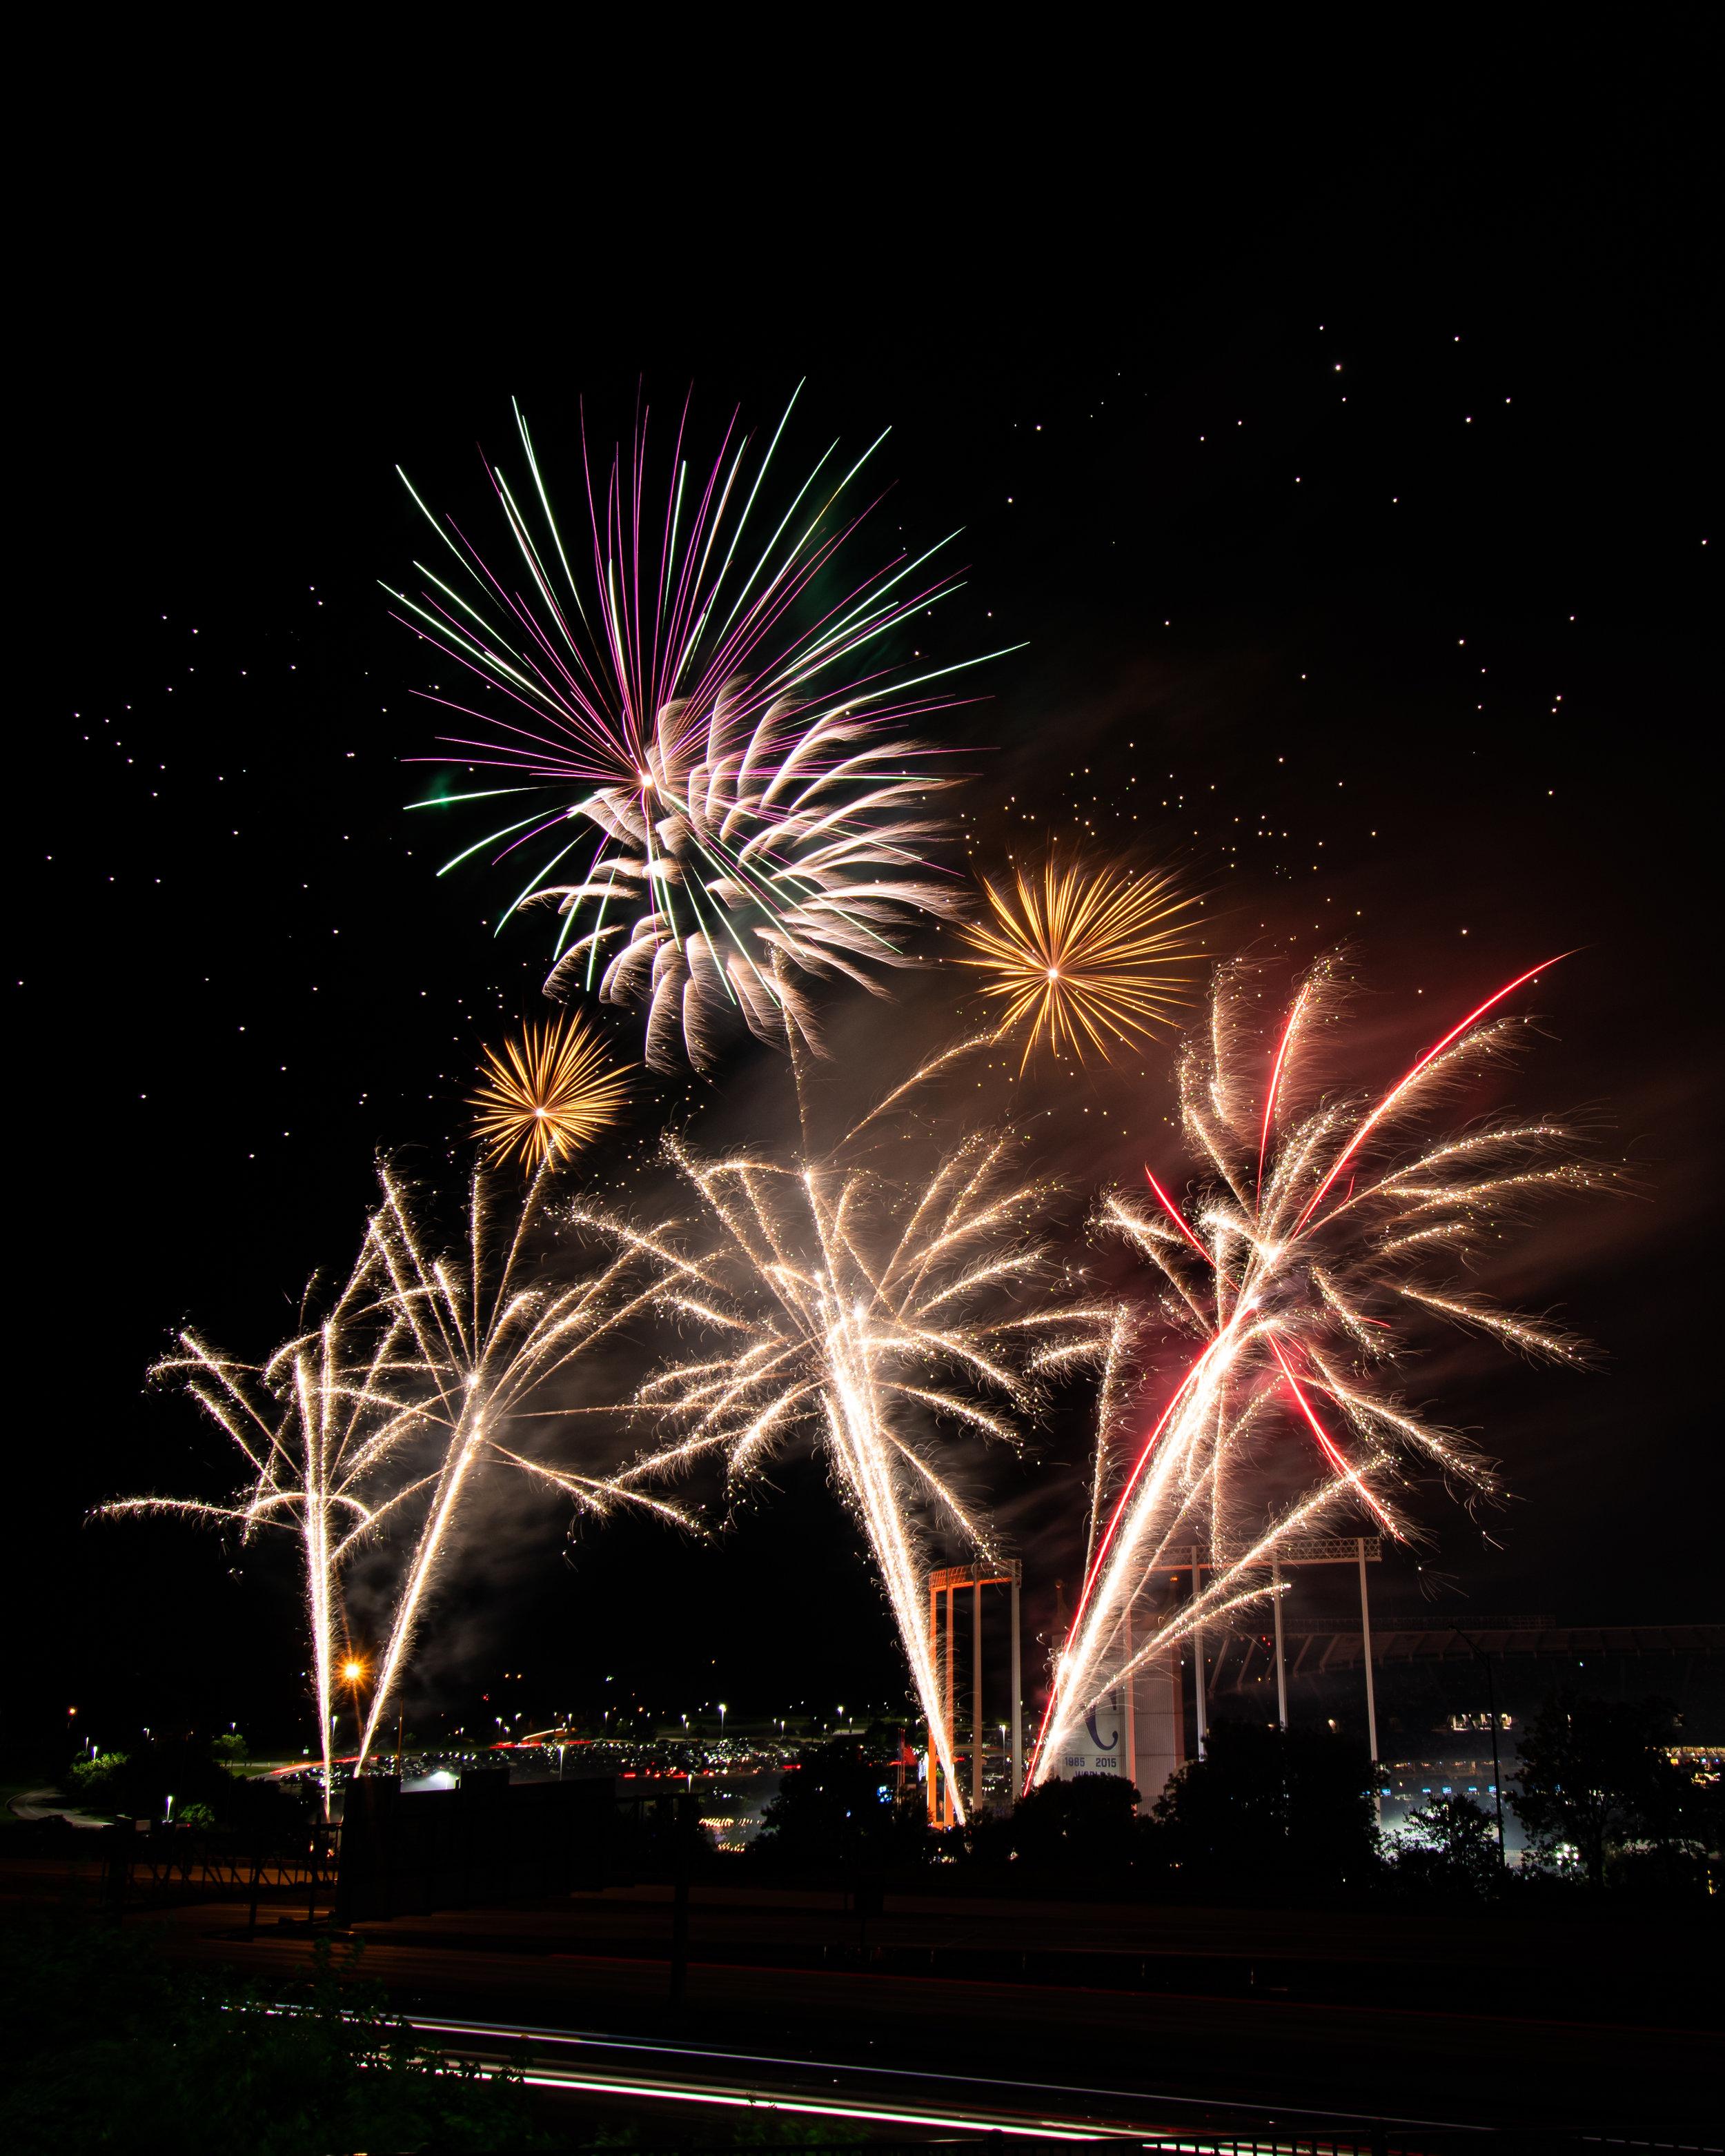 firework-friday-35-of-51_48108321838_o.jpg